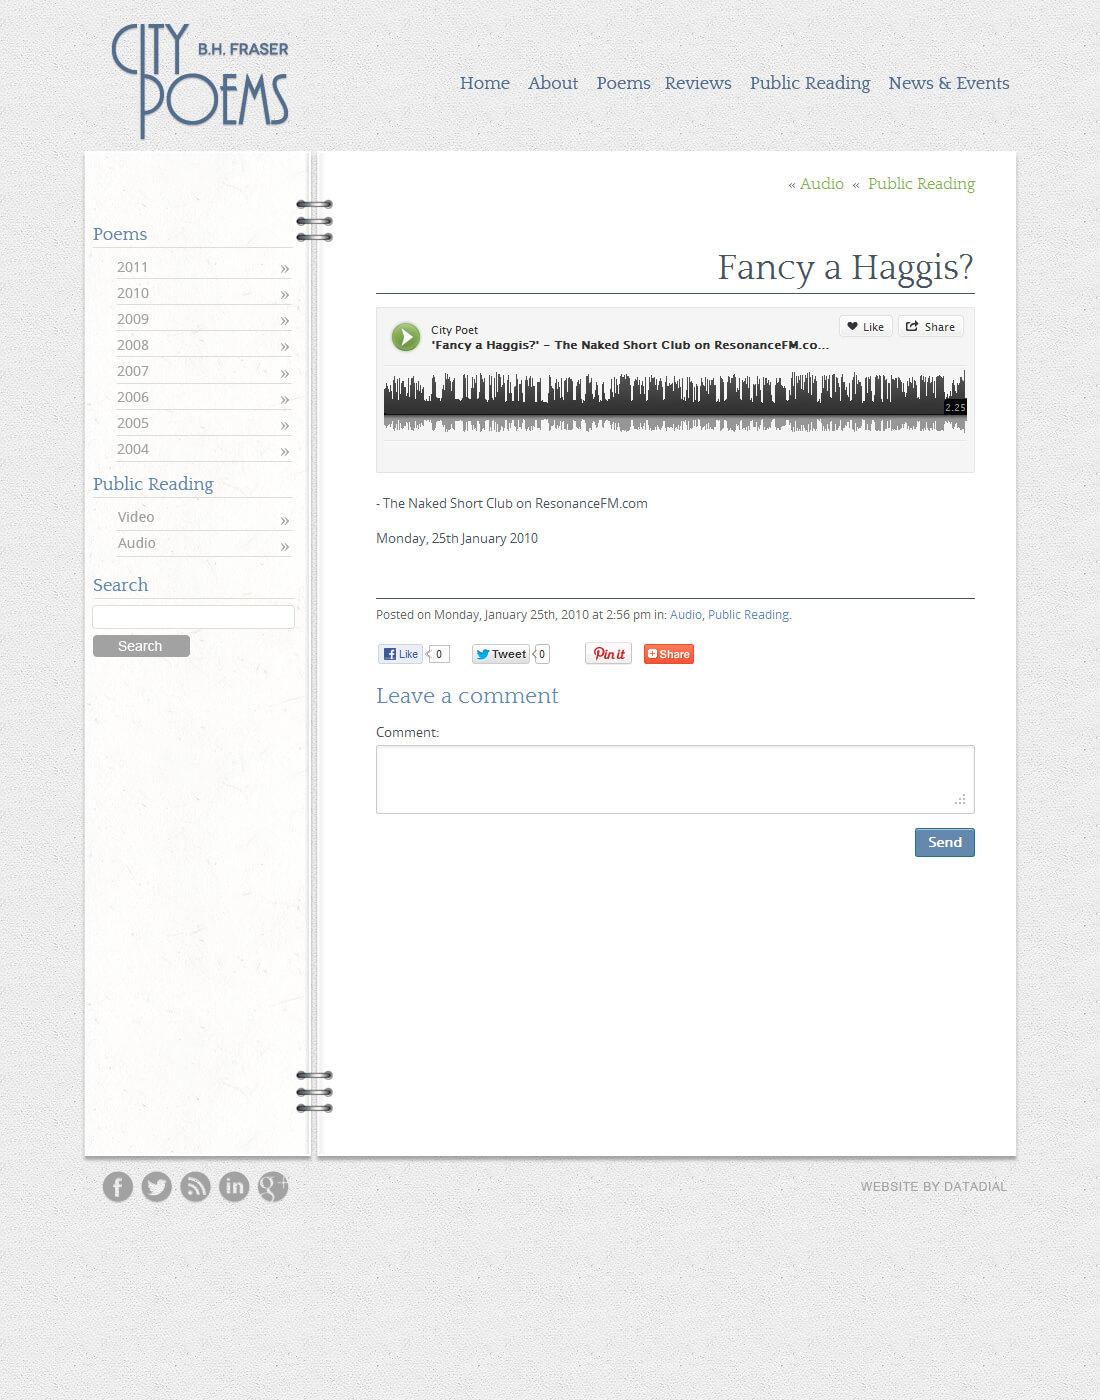 06_CityPoems_Audio